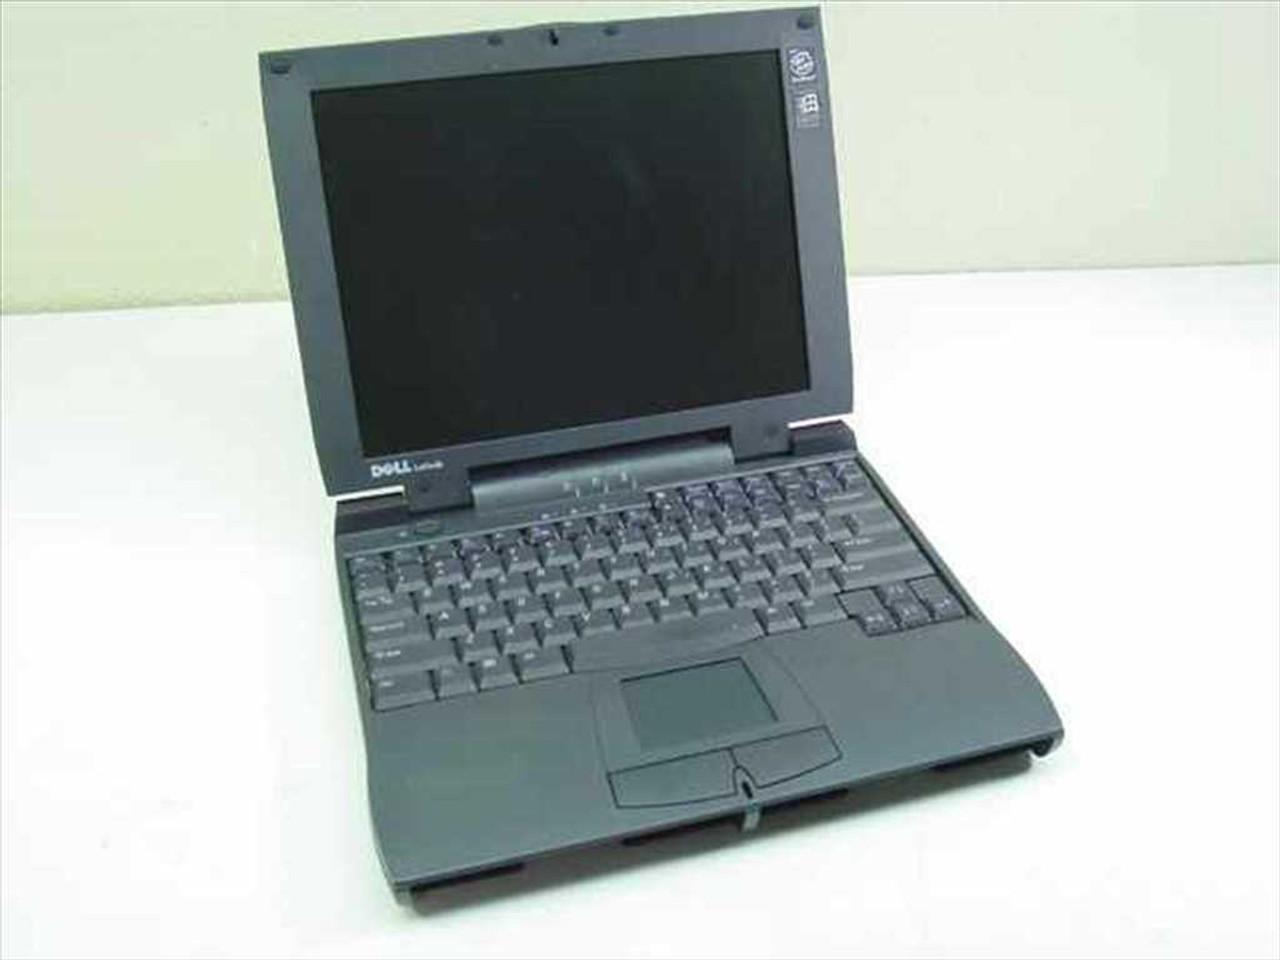 Dell Latitude CP/CPi System Treiber Windows 10